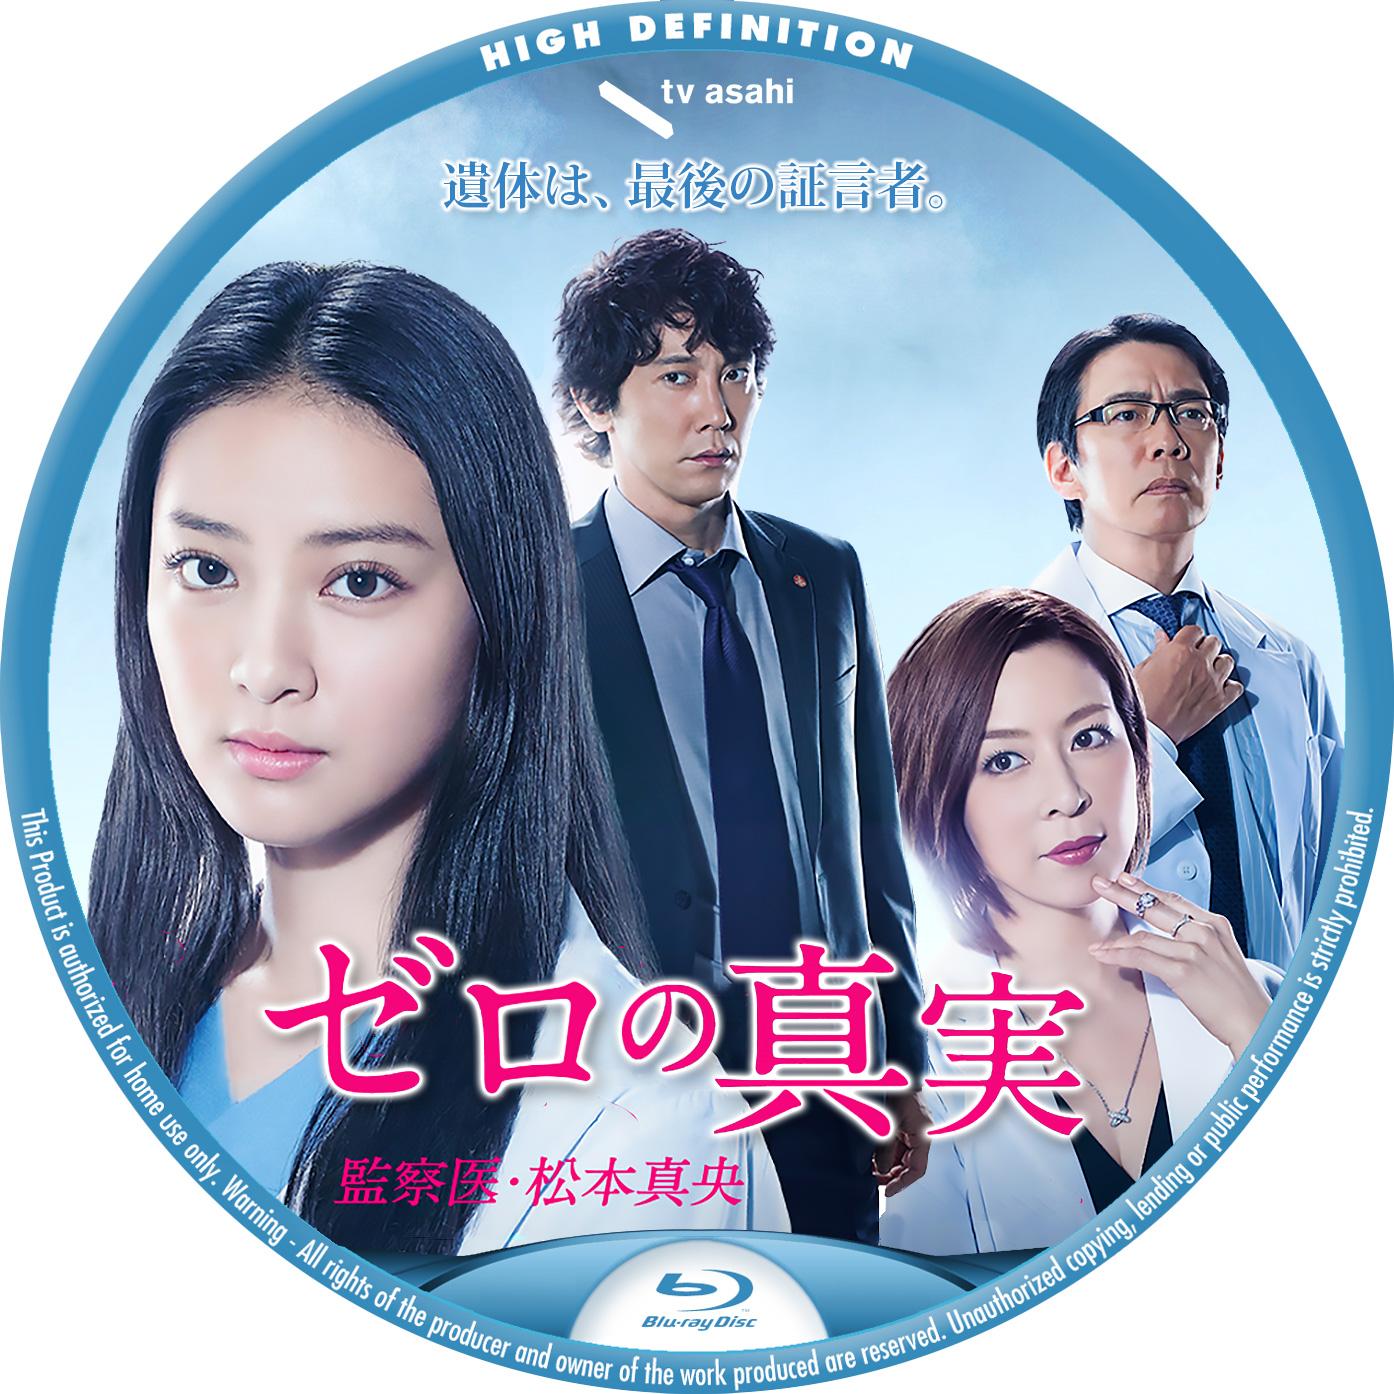 ゼロの真実 監察医・松本真央 Blu-ray BDラベル